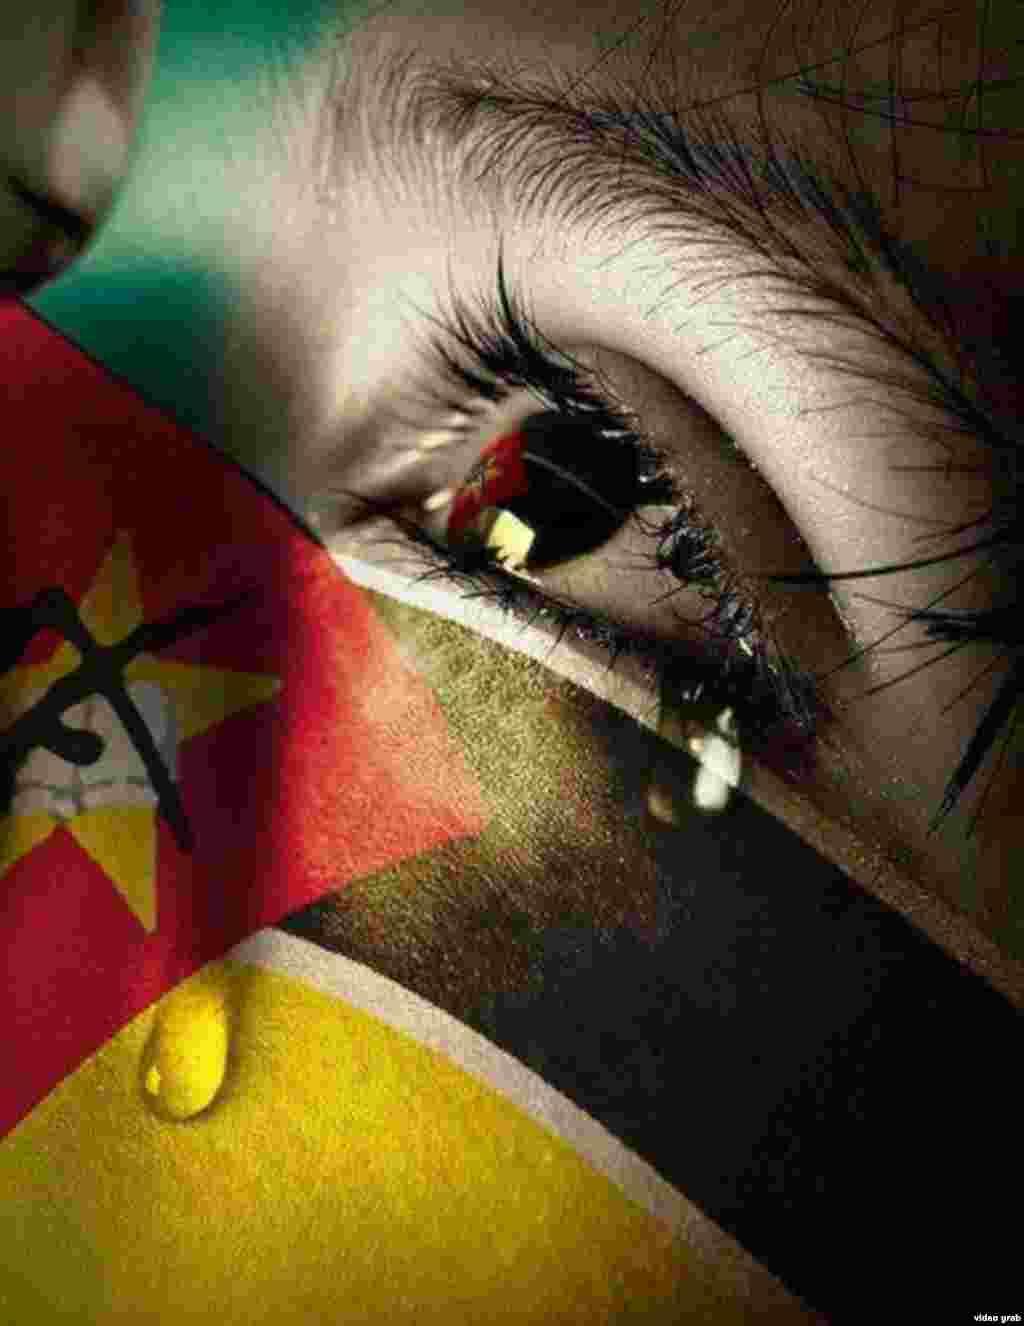 Versões desta foto estão a circular entre Moçambicanos no Facebook que apelam à paz neste momento controverso no país.